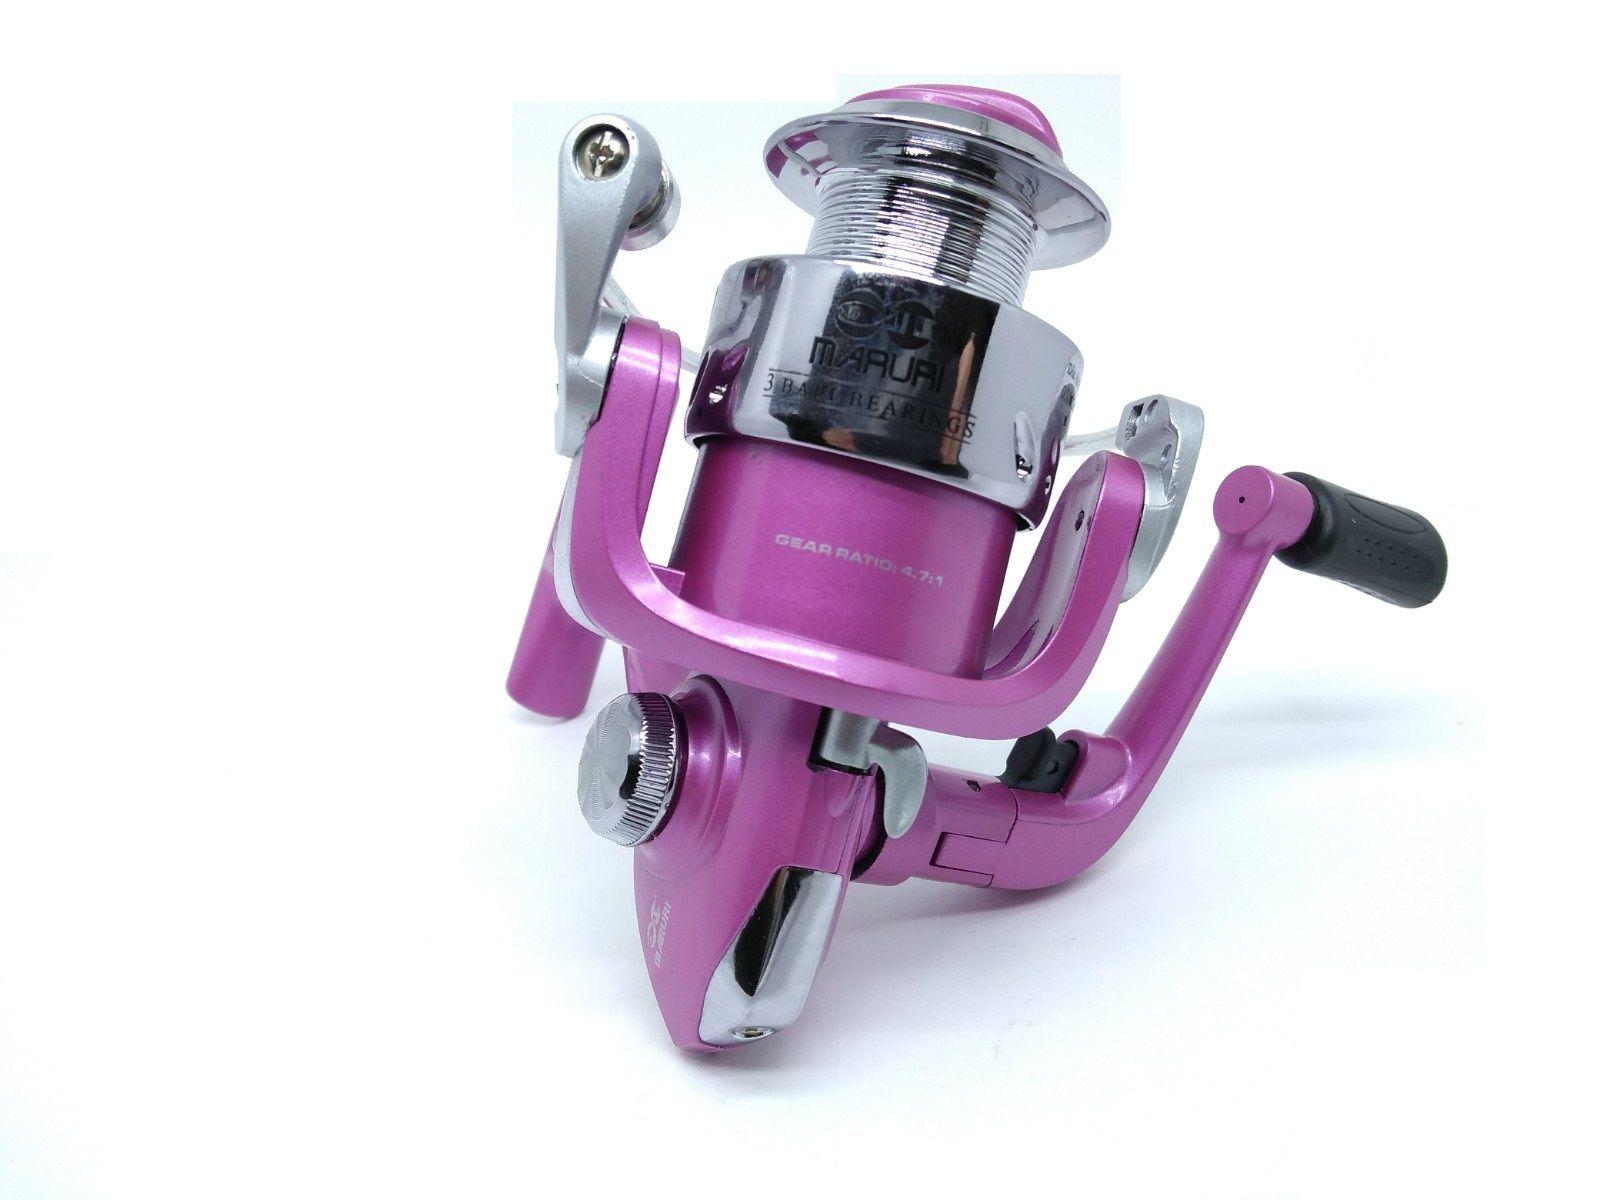 Molinete Maruri Carina 5000 Rosa - 3 Rolamentos  - Life Pesca - Sua loja de Pesca, Camping e Lazer